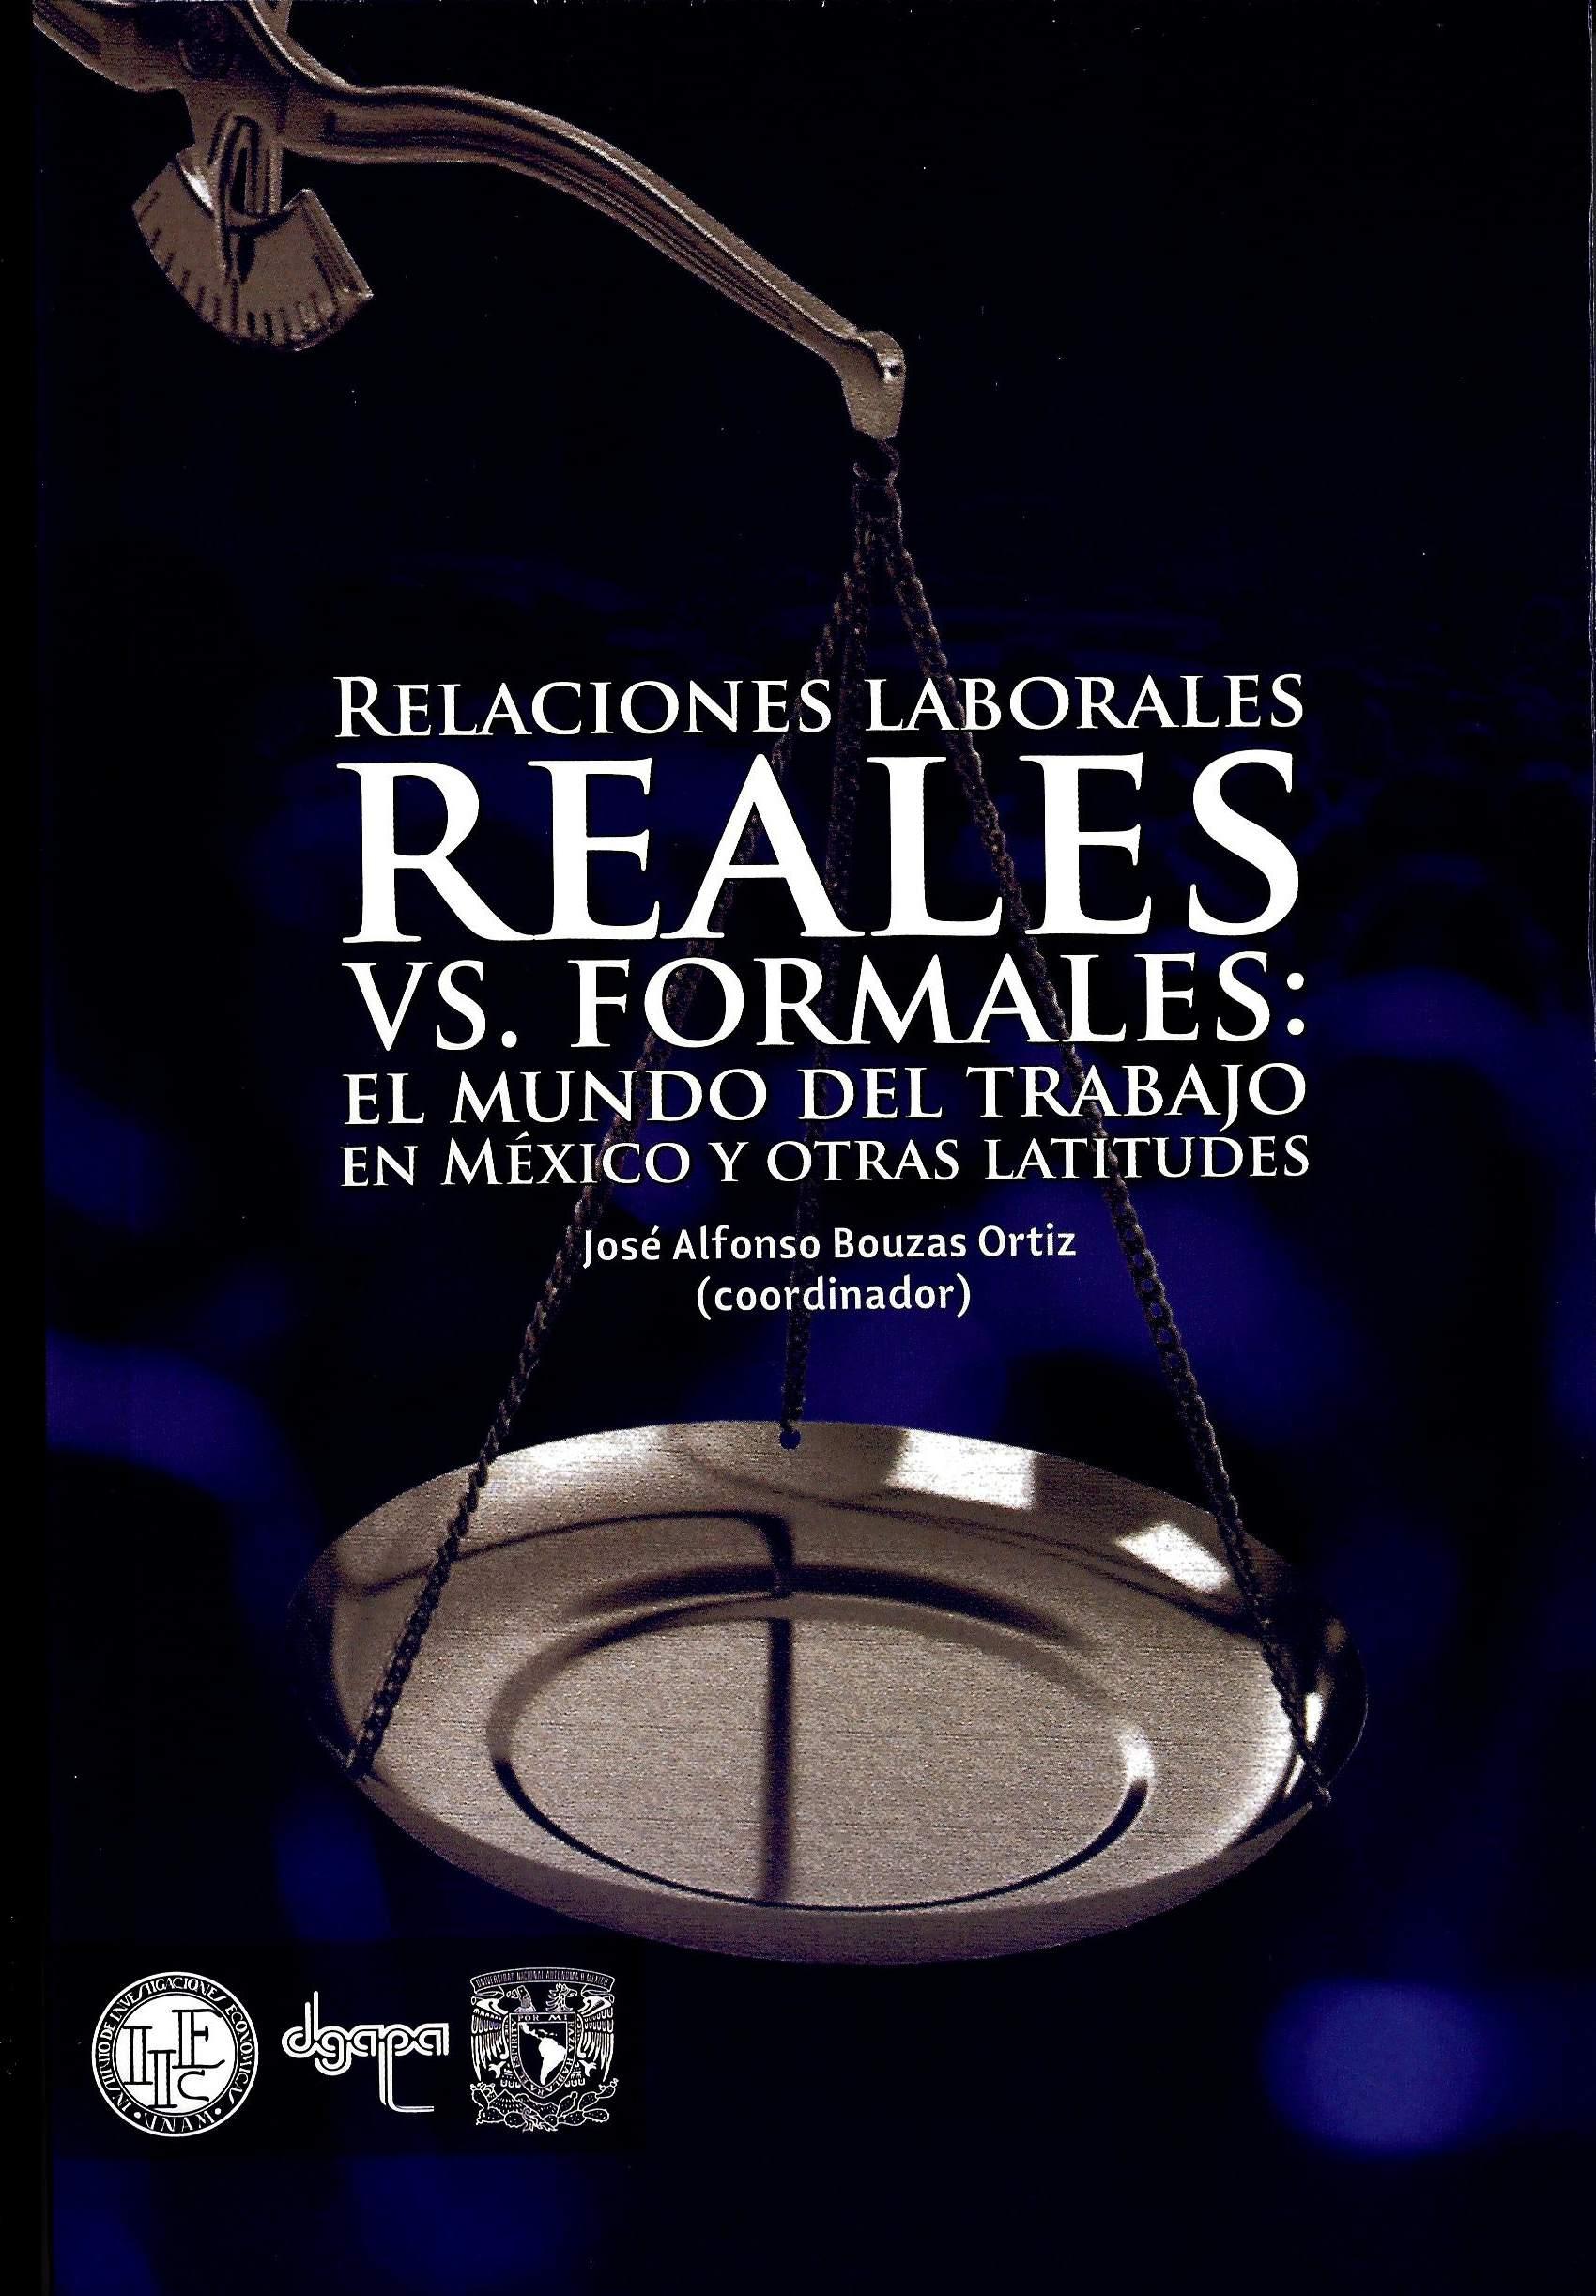 Relaciones laborales reales vs. formales: el mundo del trabajo en México y otras latitudes